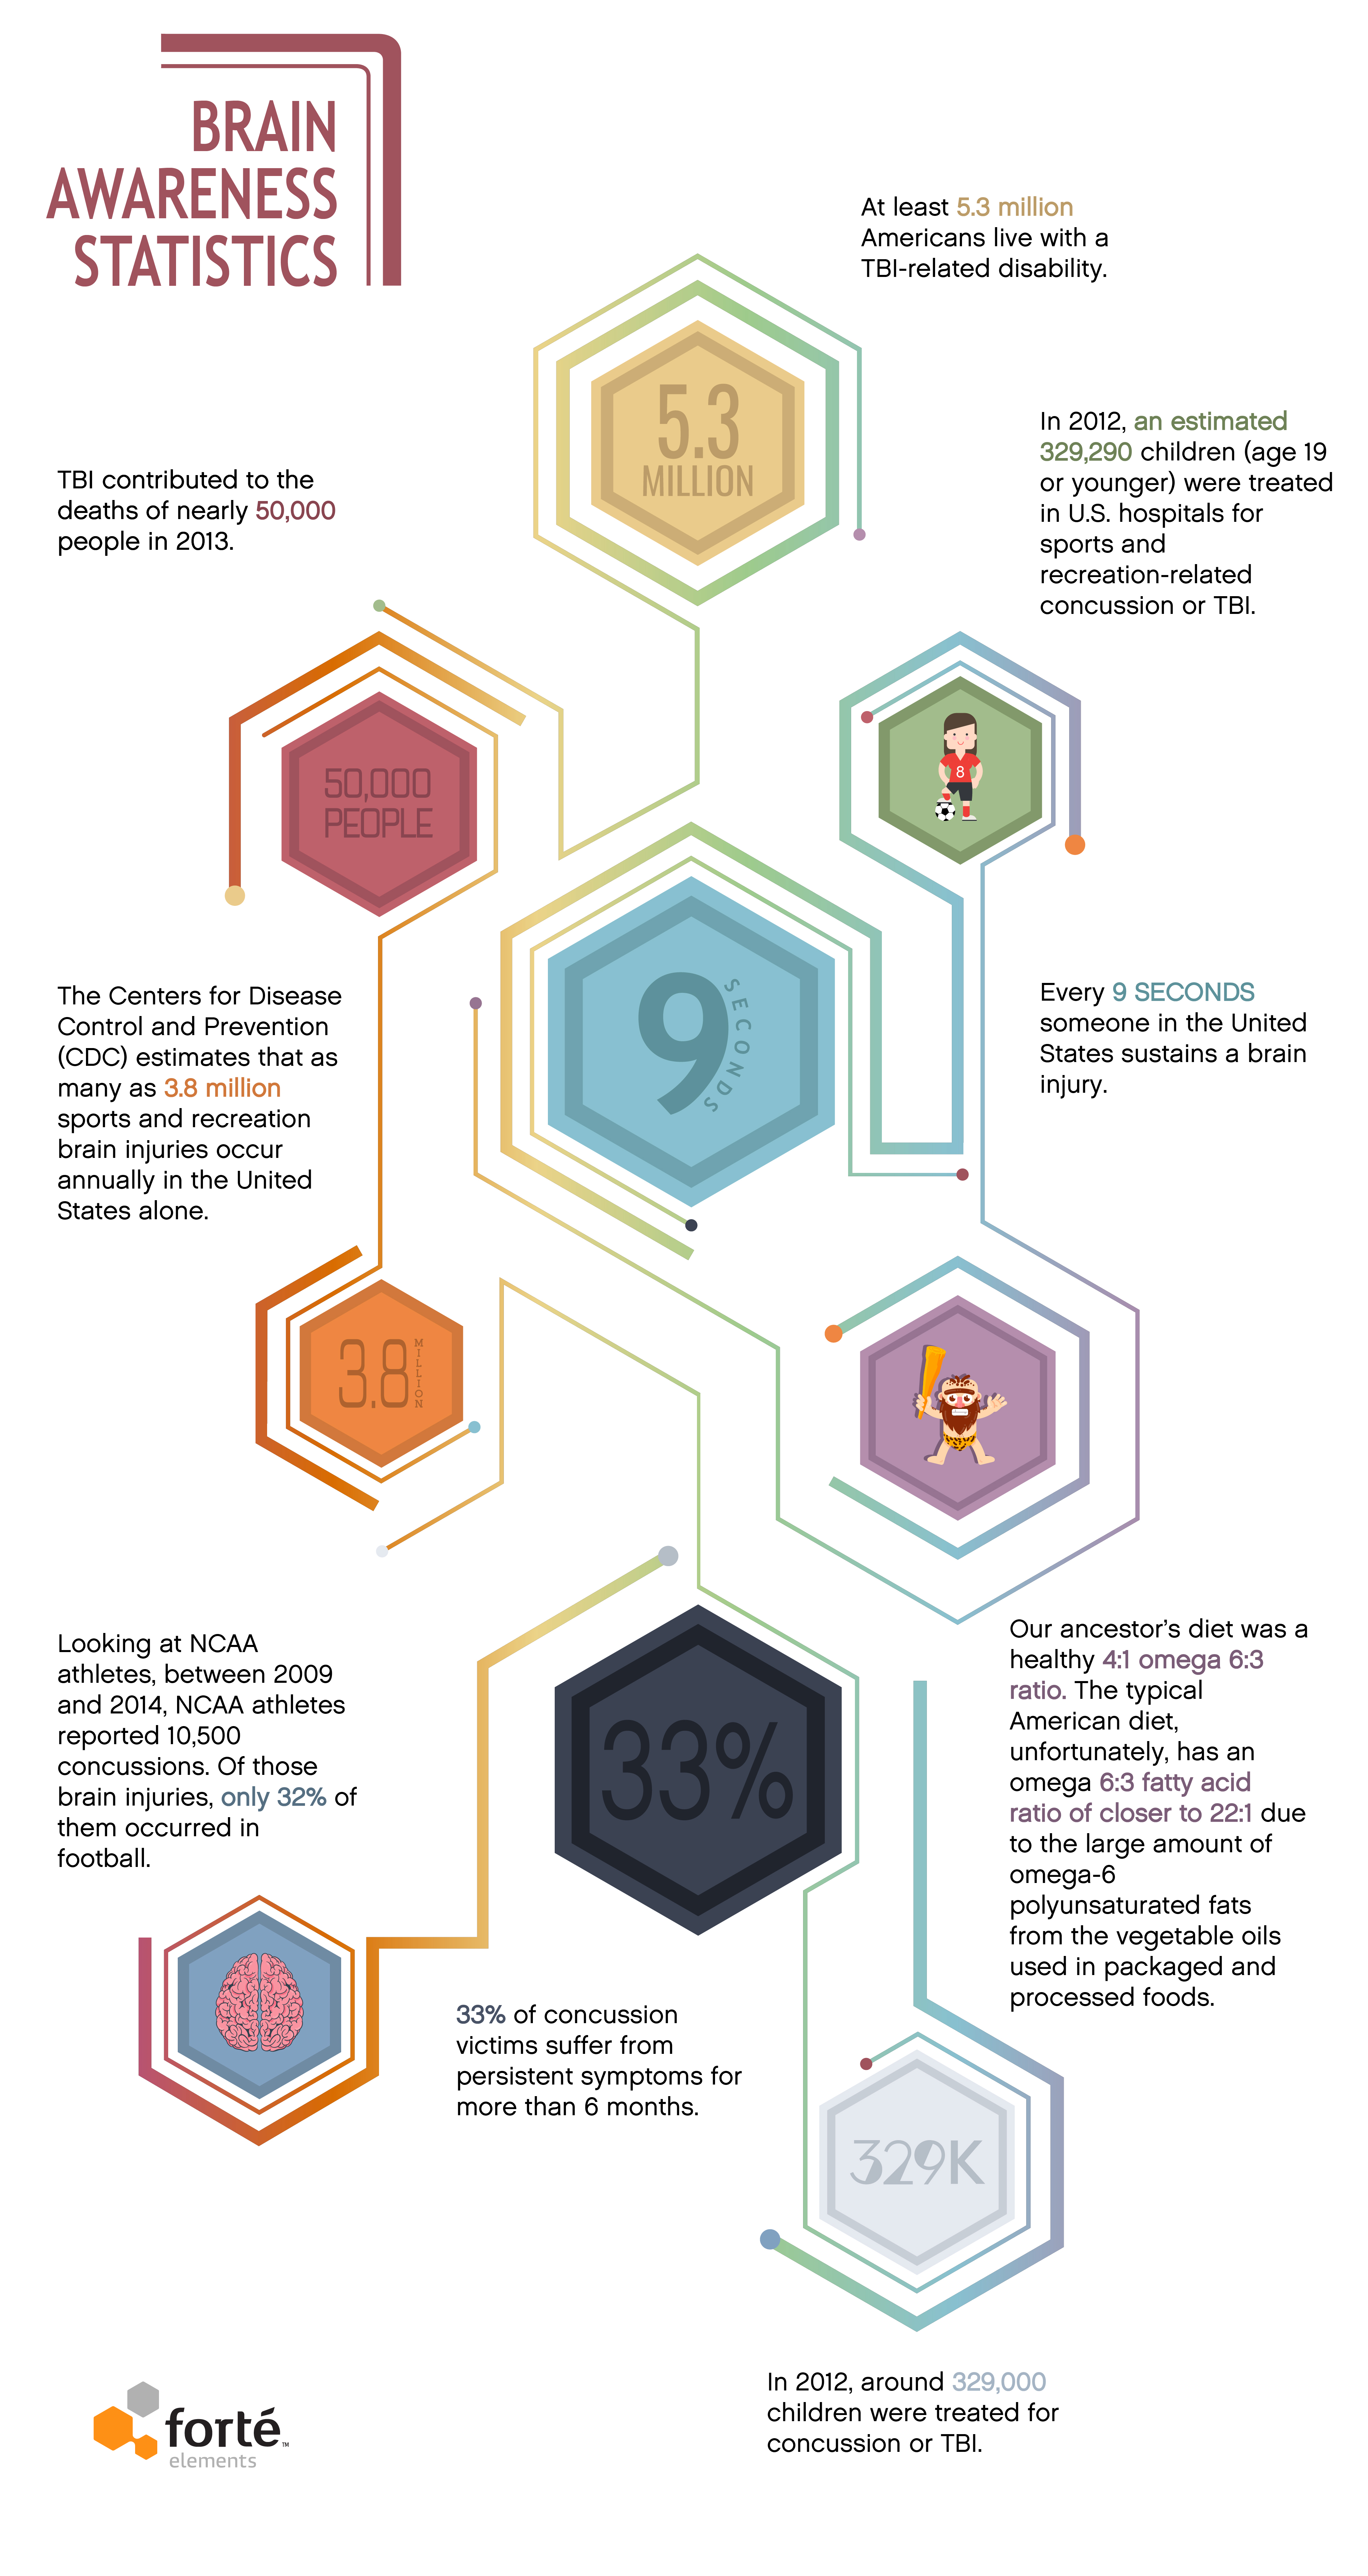 Brain Awareness Statistics Infographic